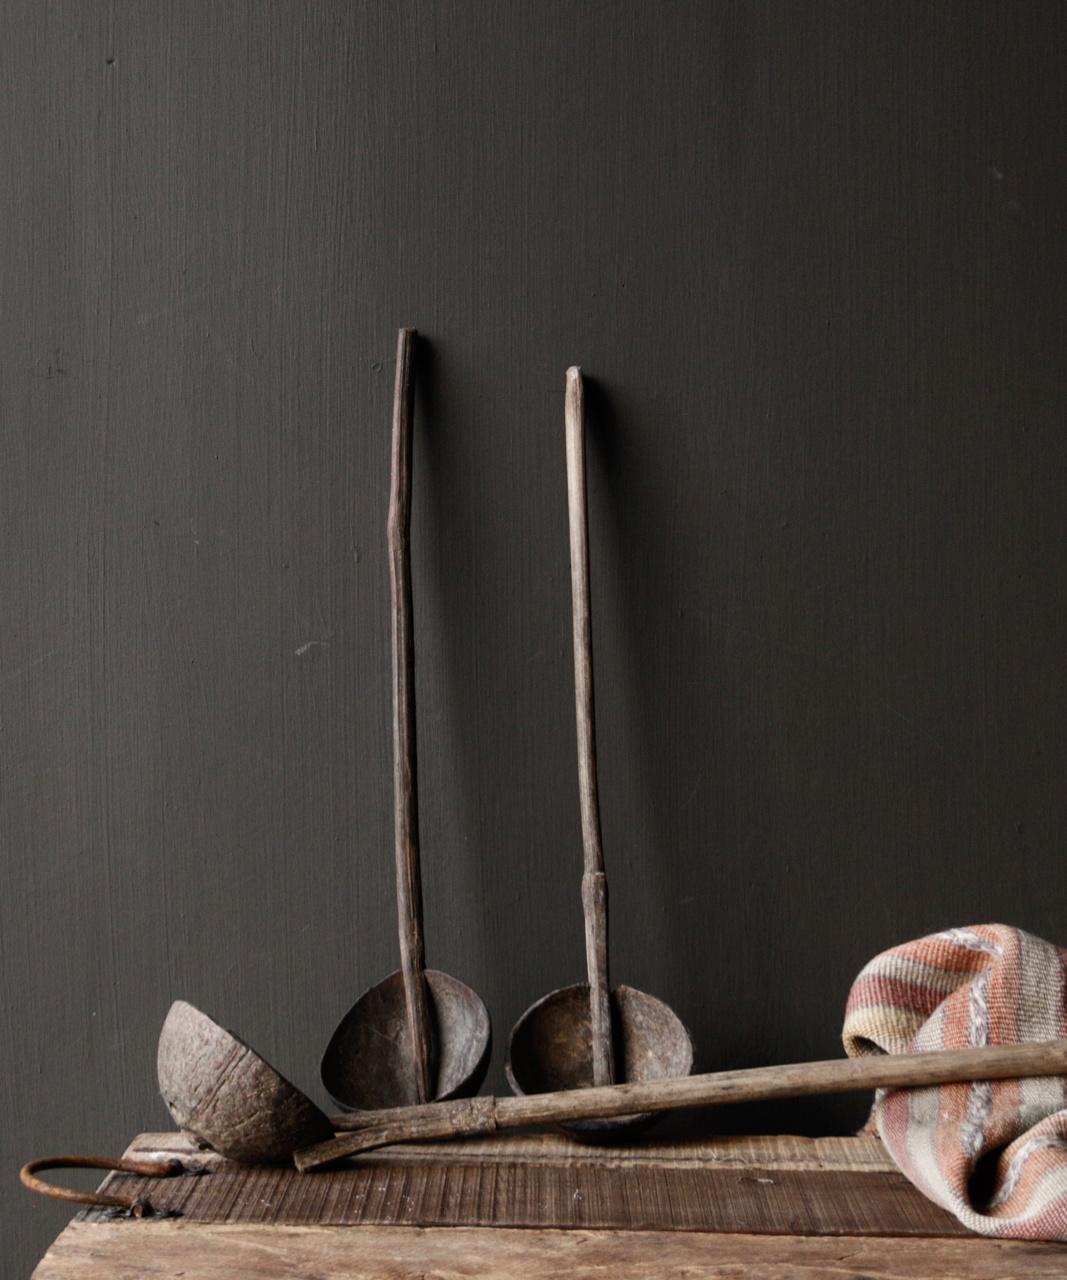 Alter nepalesischer Löffel der Kokosnuss mit Bambusgriff-1